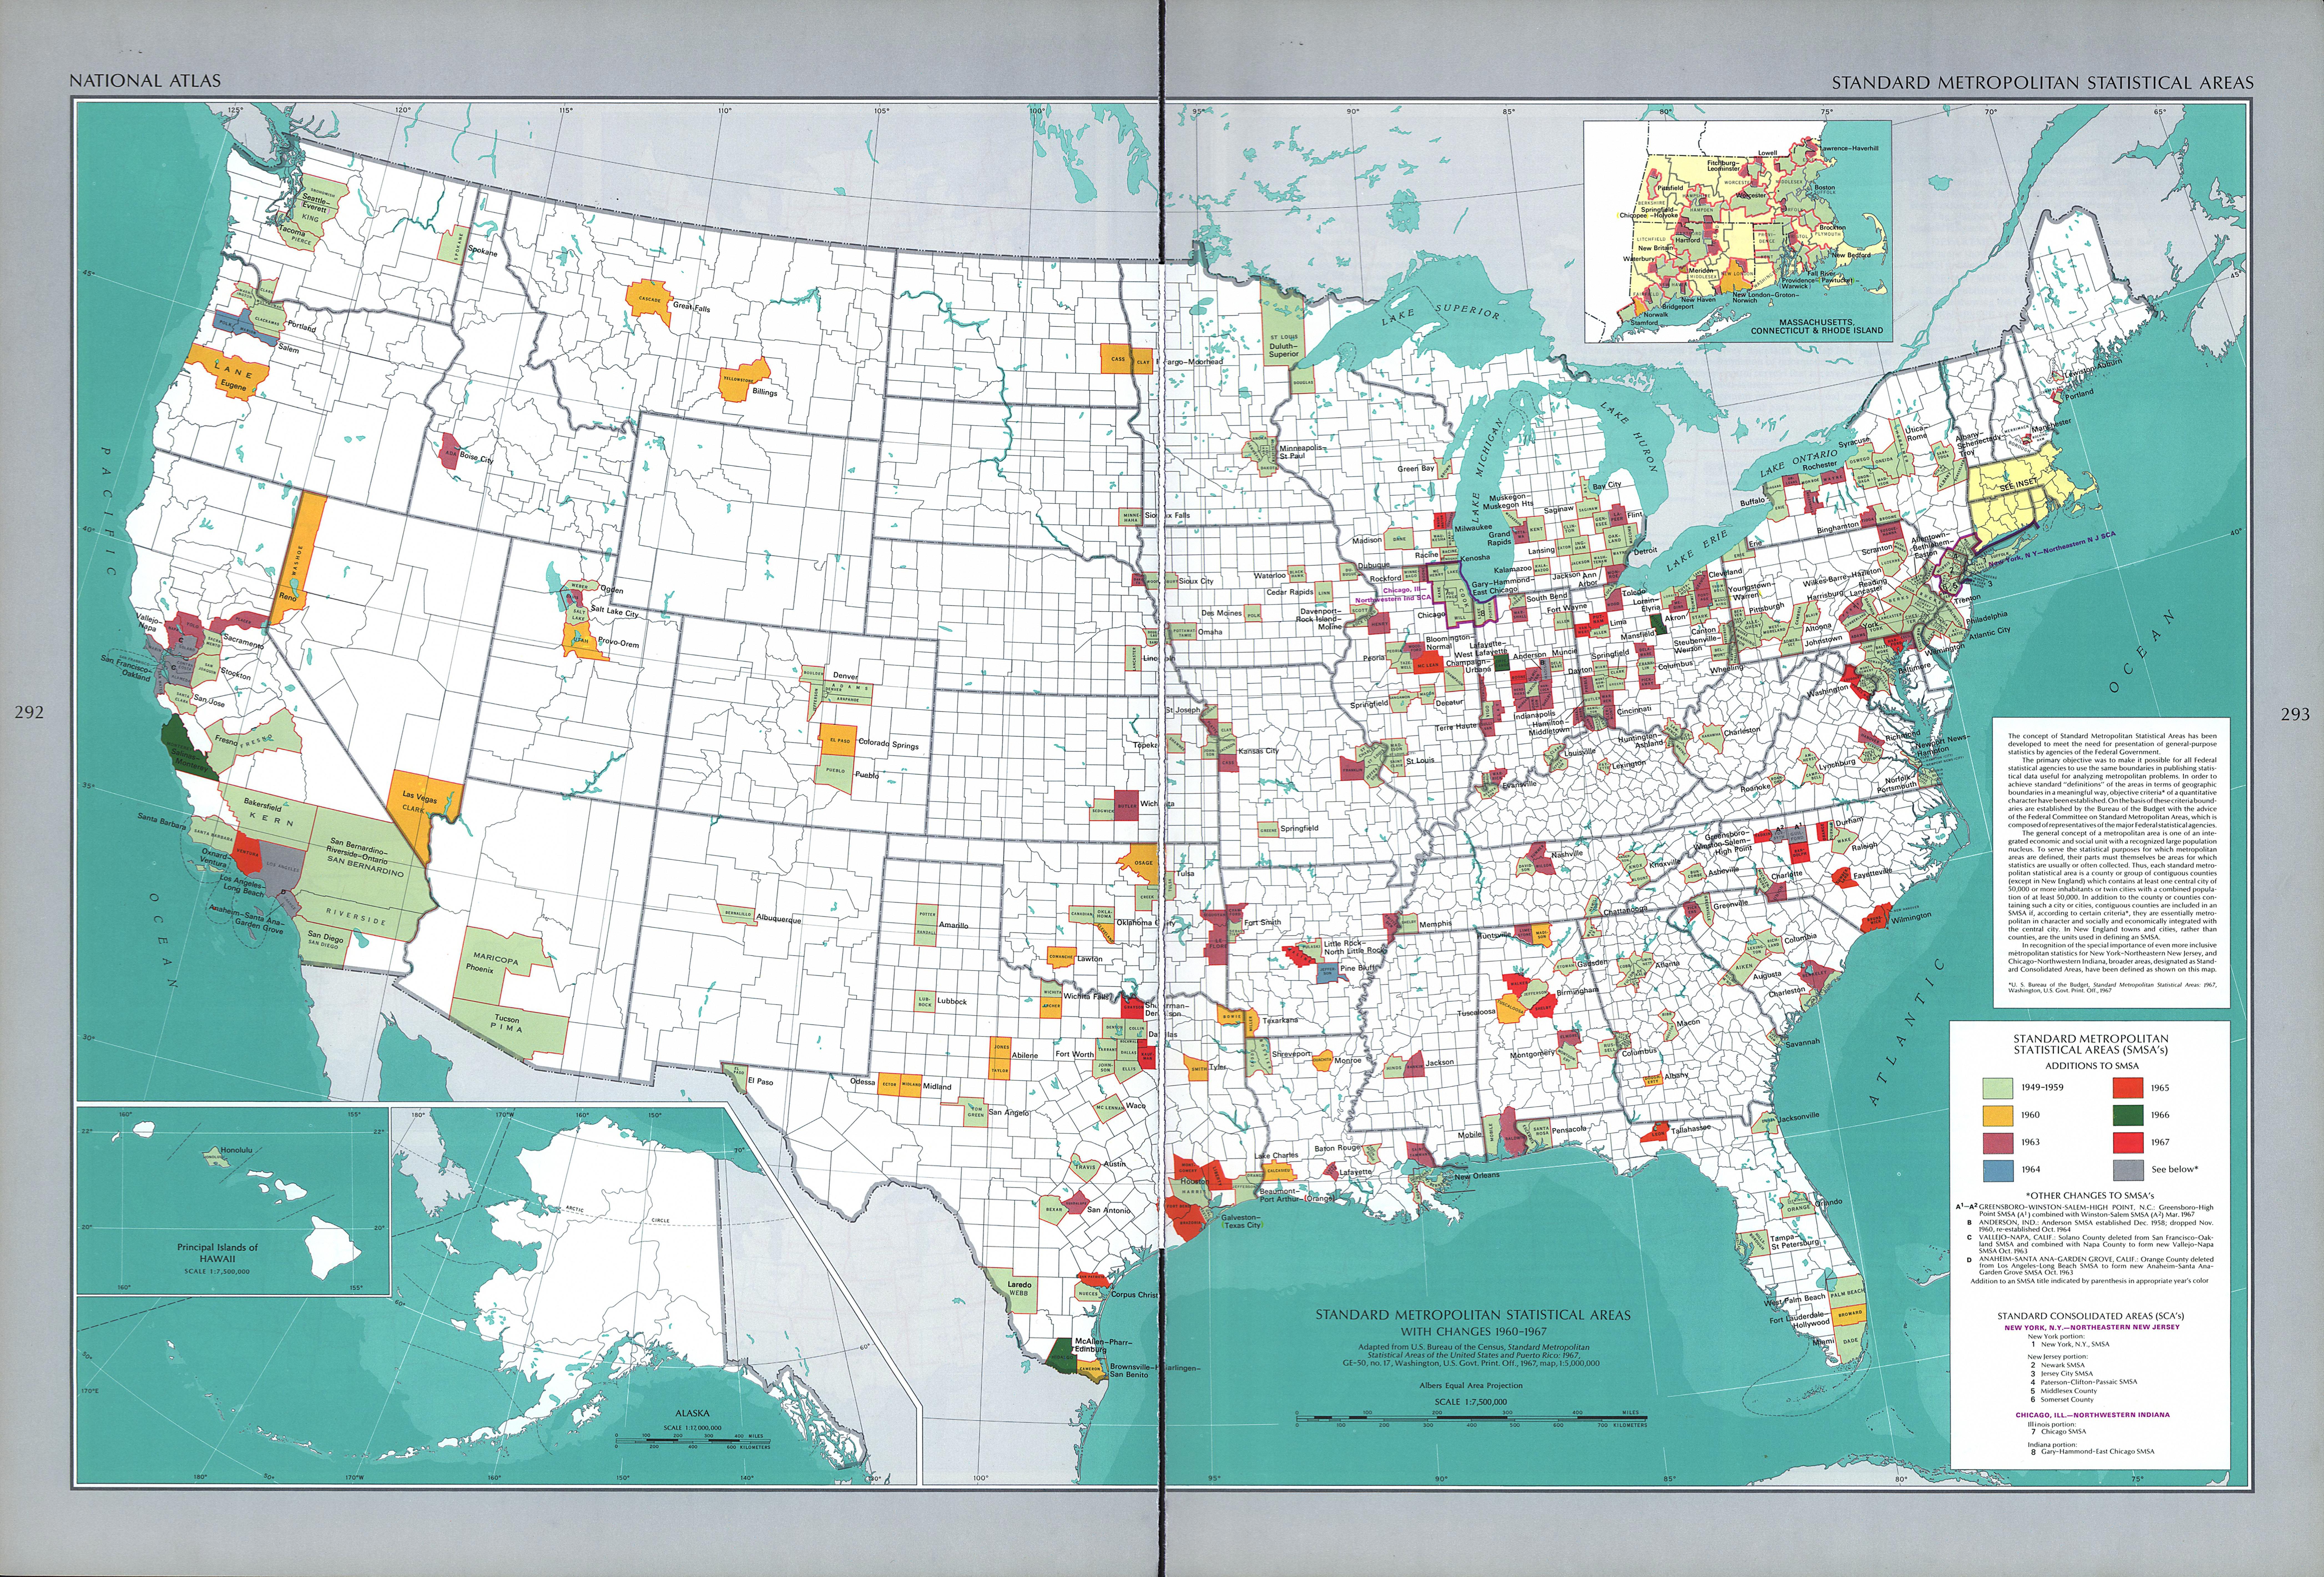 Mapa de las Areas Estadísticas Metropolitanaas Estándar, Estados Unidos